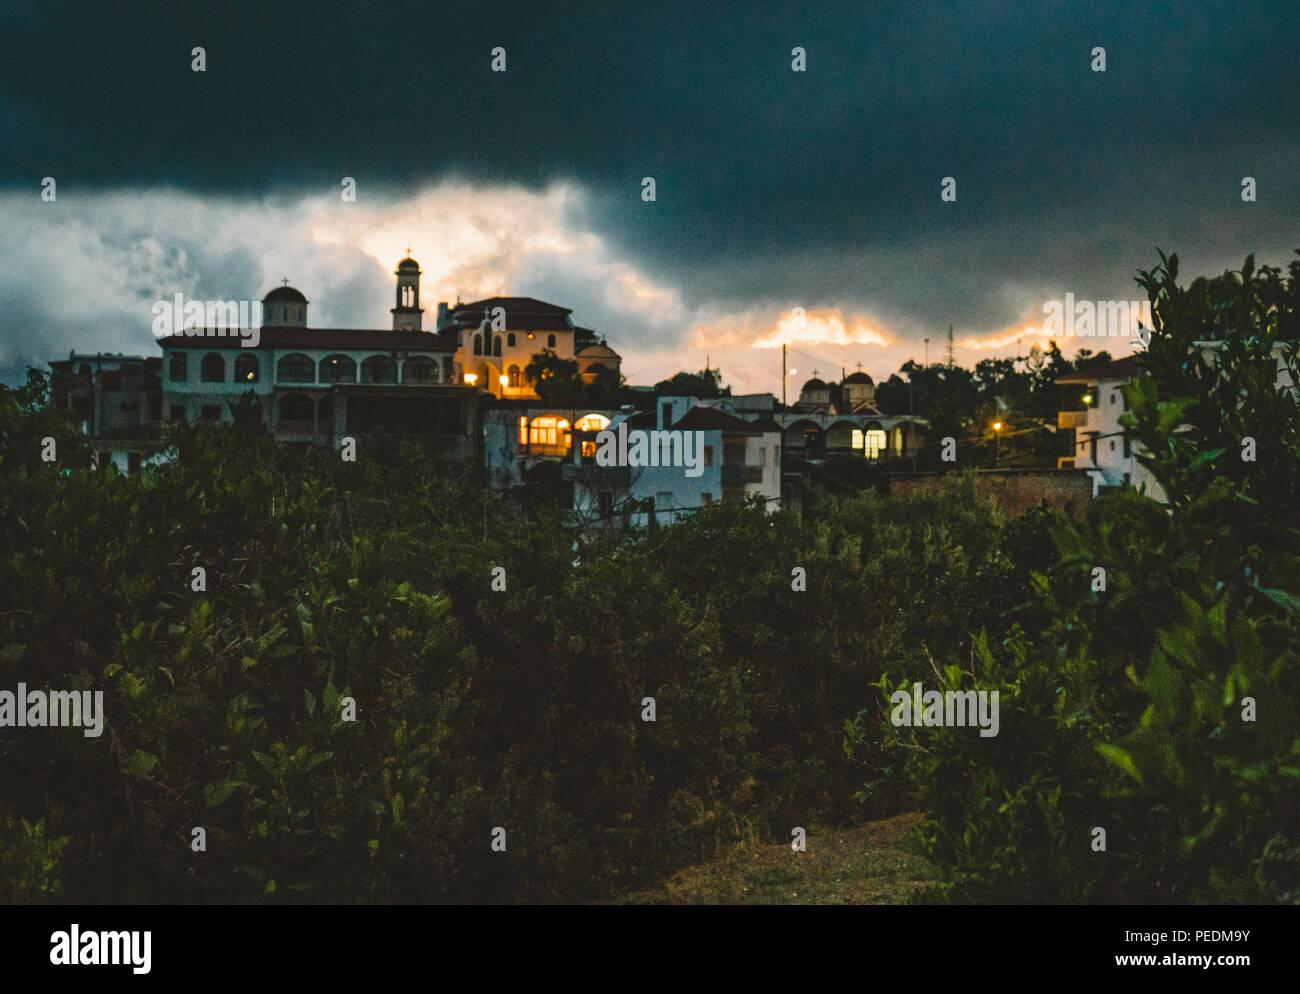 Spili Kreta, Griechenland August 2018: Nacht Blick auf die Kirche von Spili withmountains während des Sonnenuntergangs. Foto in Griechenland. Stockbild